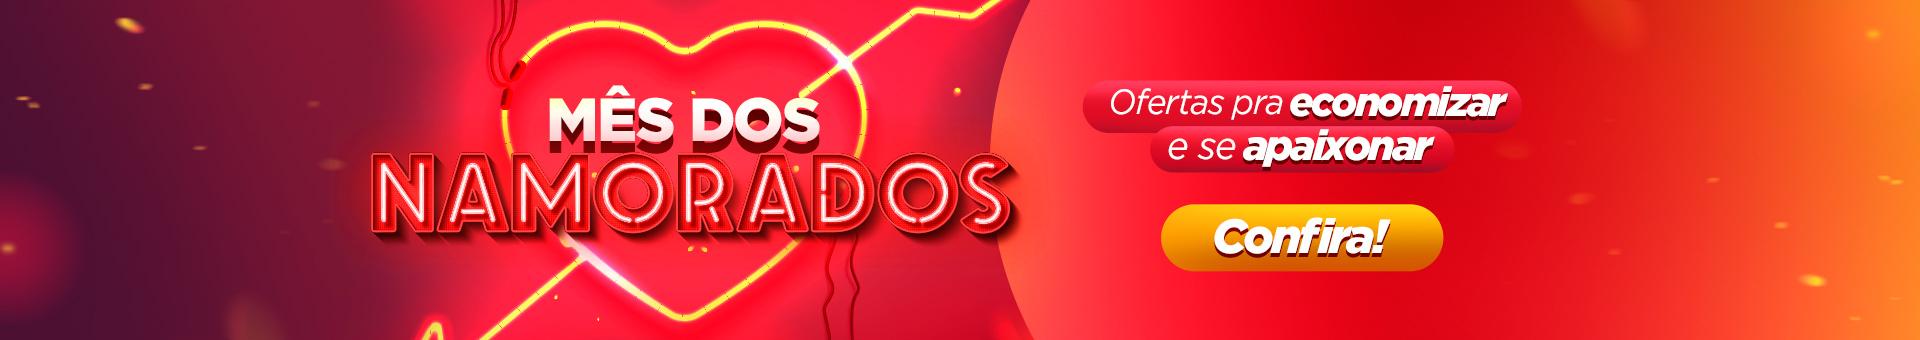 Banner Namorados